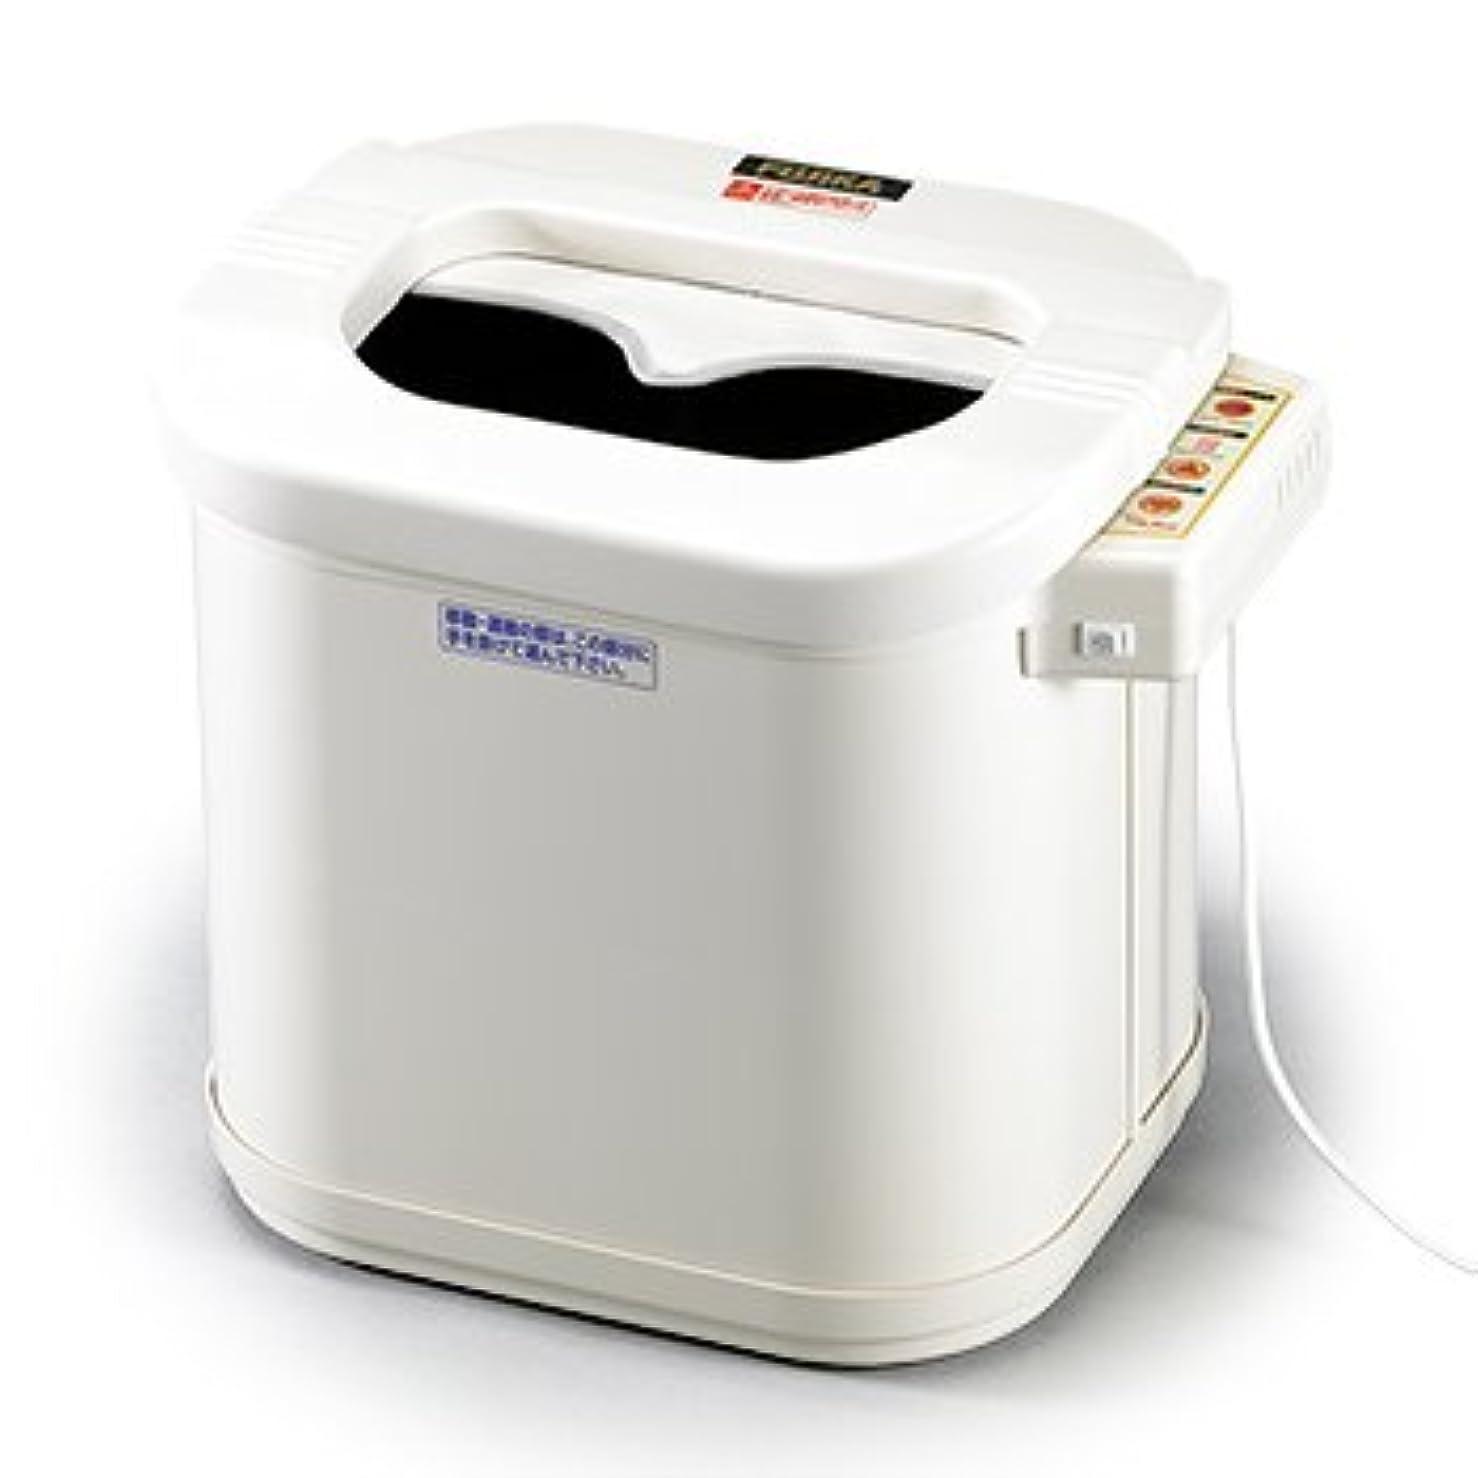 奇跡株式会社治療フジカ スマーティ レッグホット LH-2型 遠赤外線 足温器 足浴器